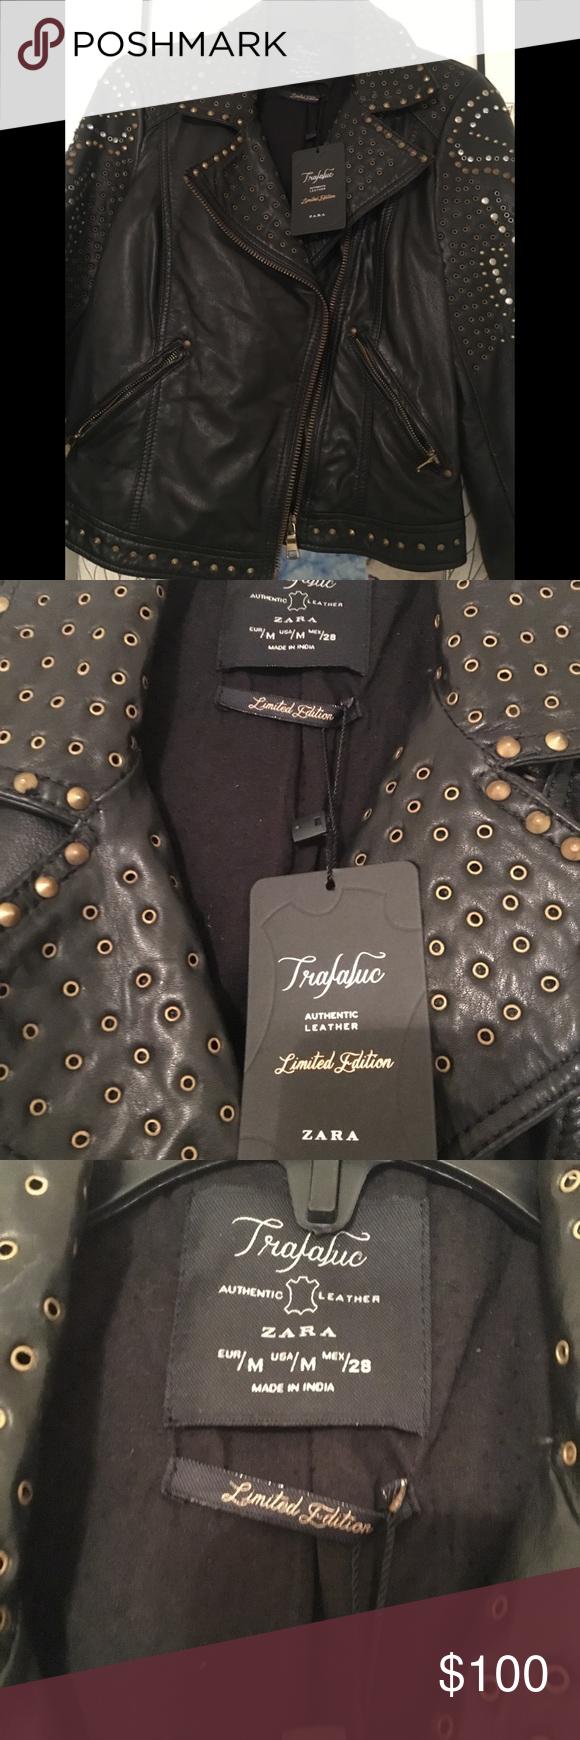 Zara Trafaluc Authentic Leather Jacket Limited E Authentic Leather Leather Jacket Zara [ 1740 x 580 Pixel ]